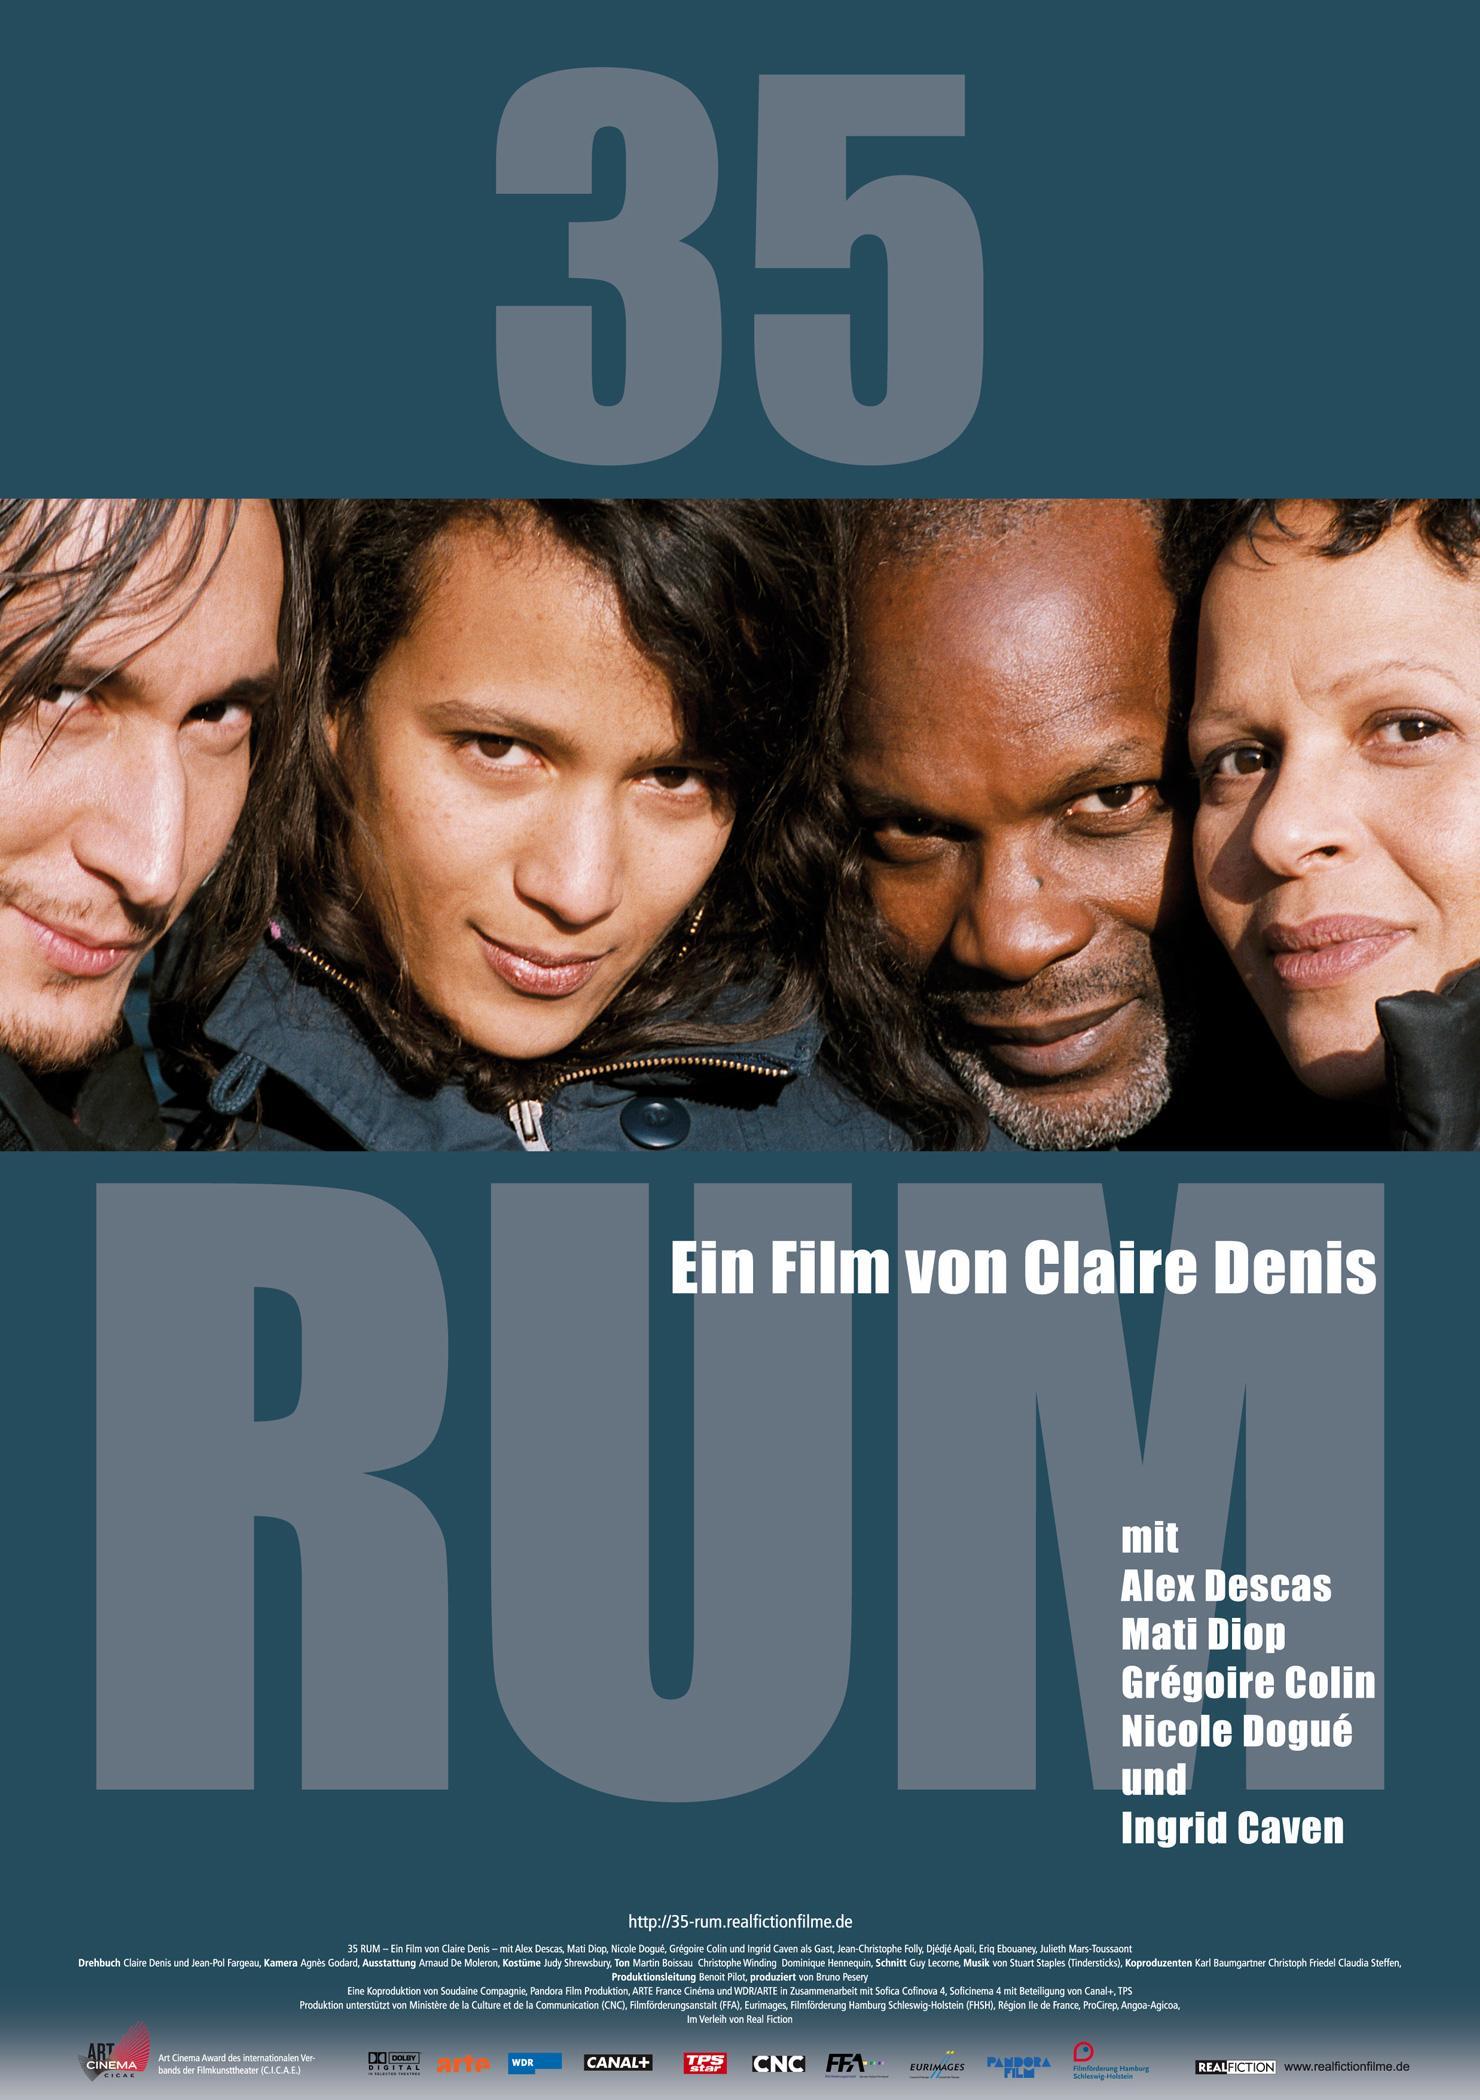 35 Rum (Poster)